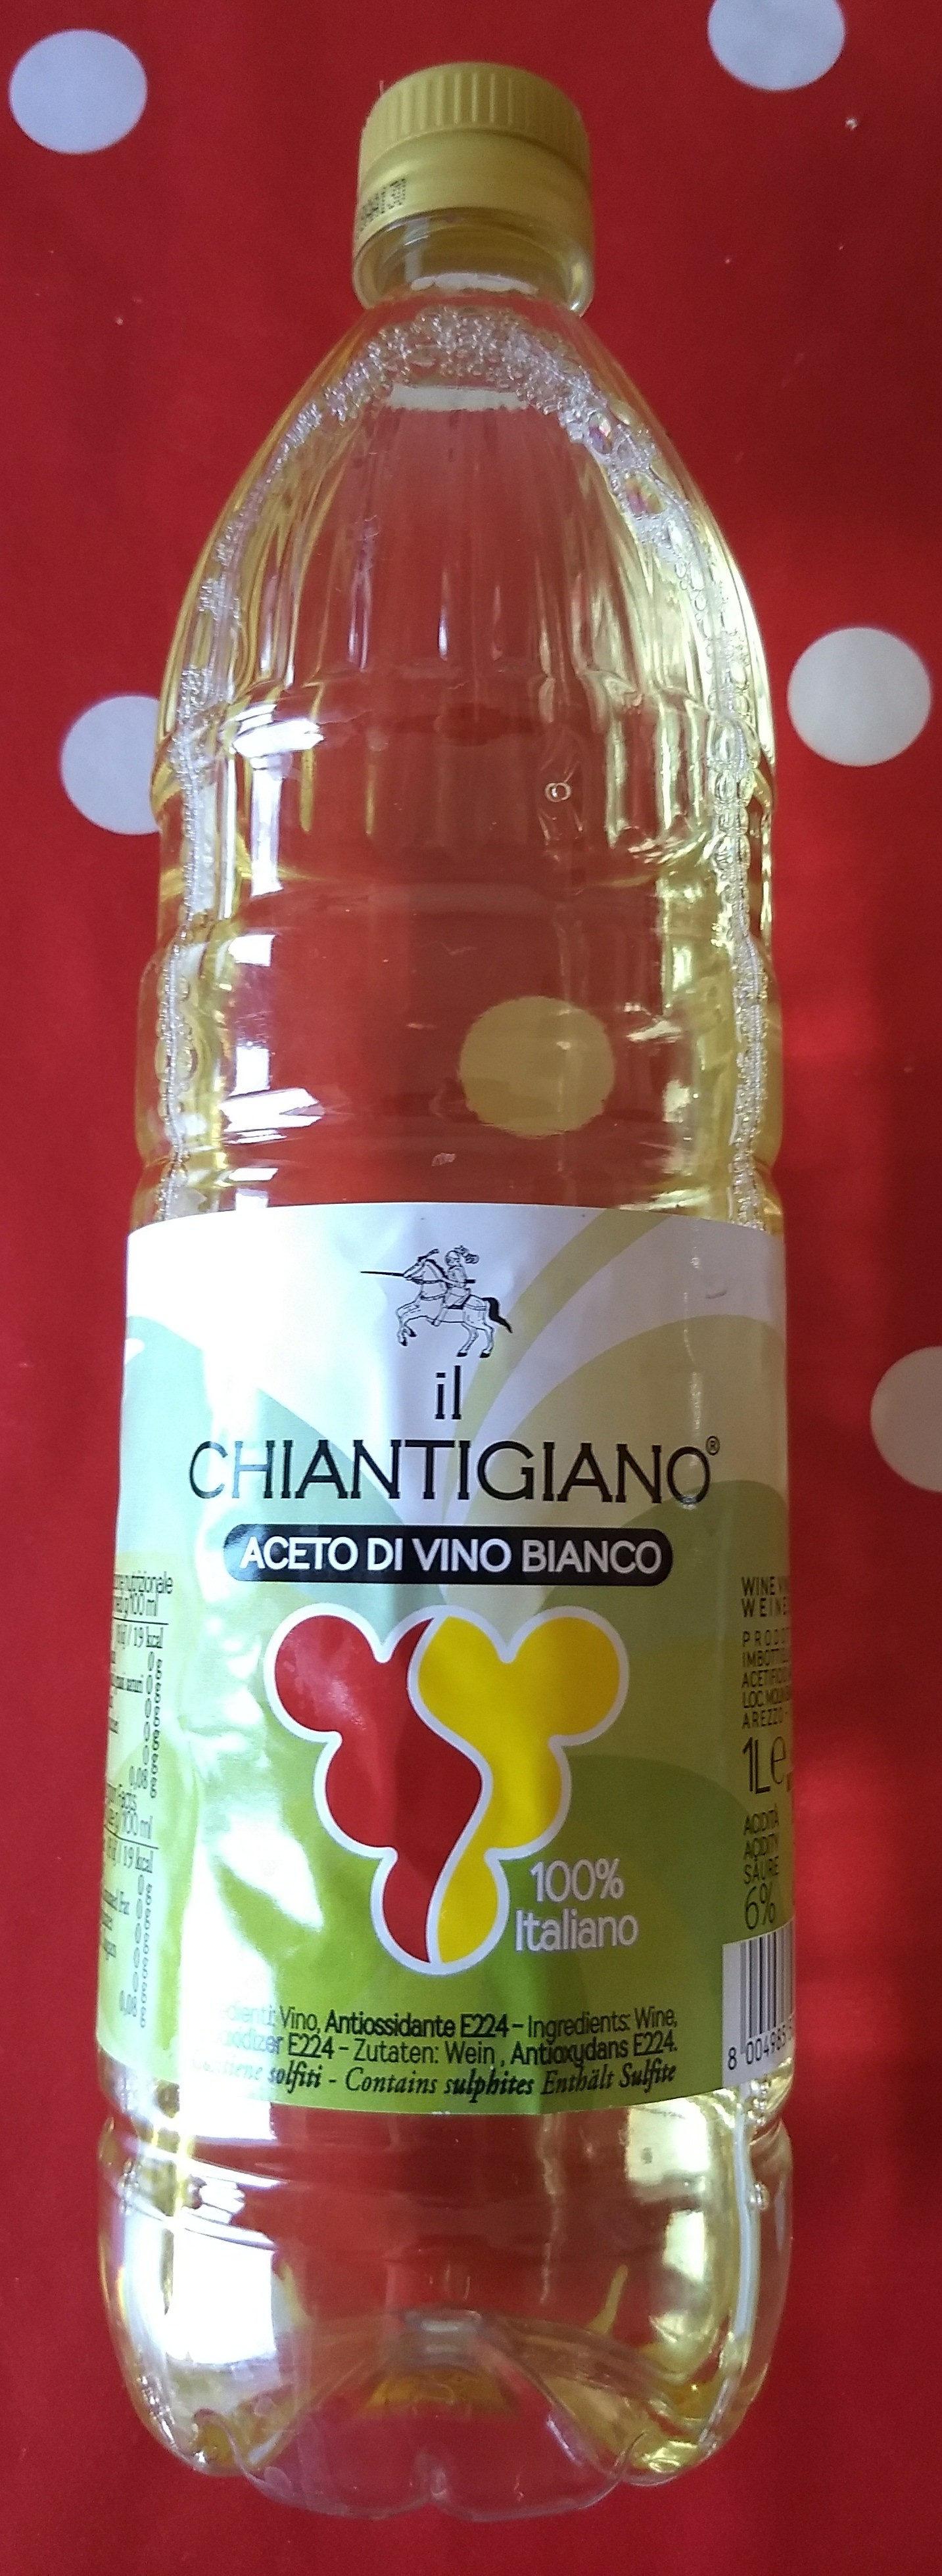 Aceto di vino - Product - it